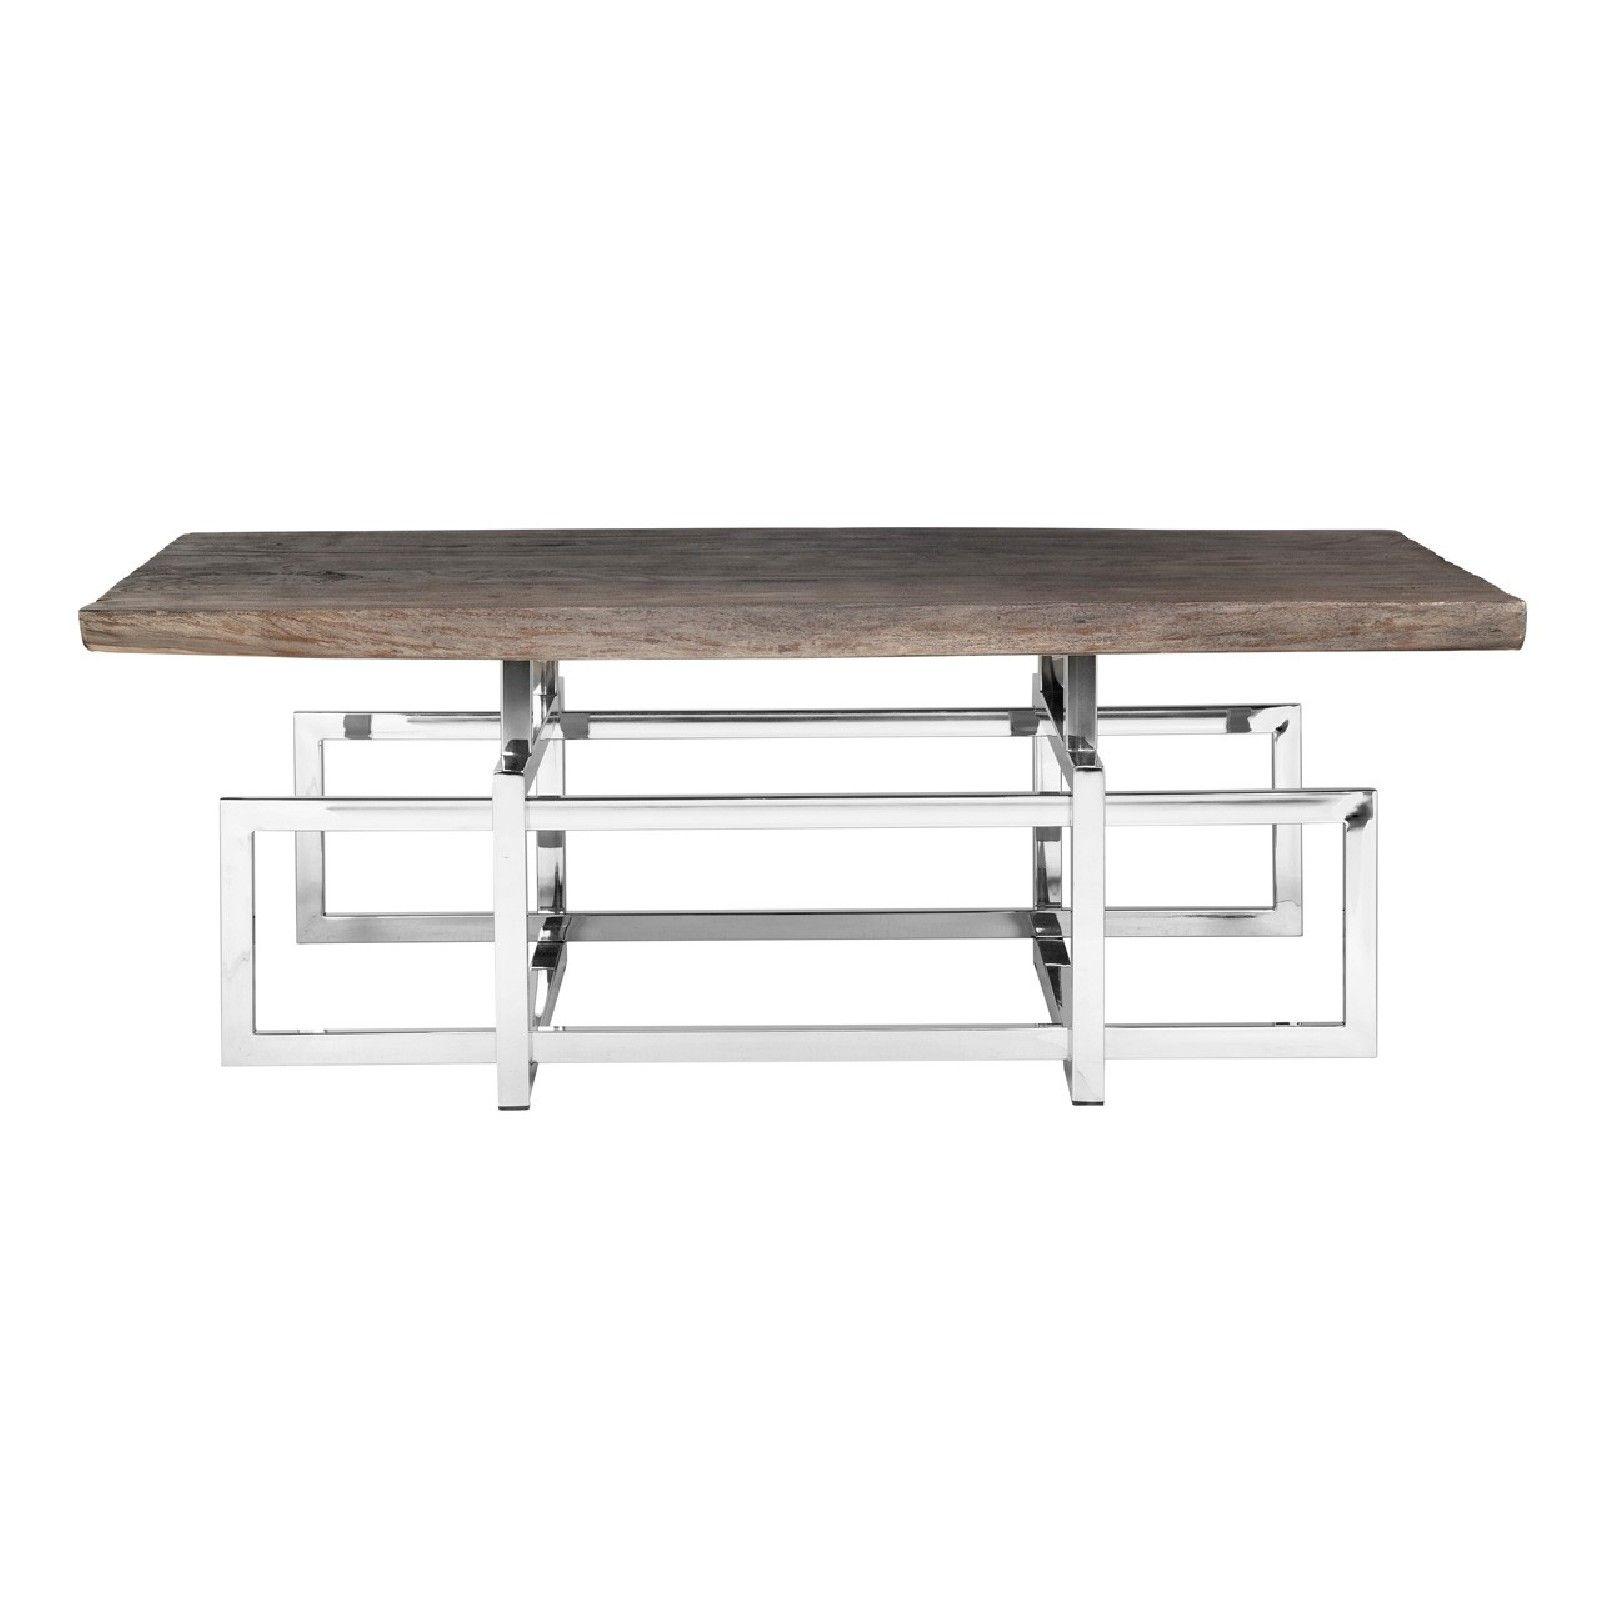 Table de salon TuxedoBord du plateau de table peut varier par article, produit naturel Tables basses rectangulaires - 66